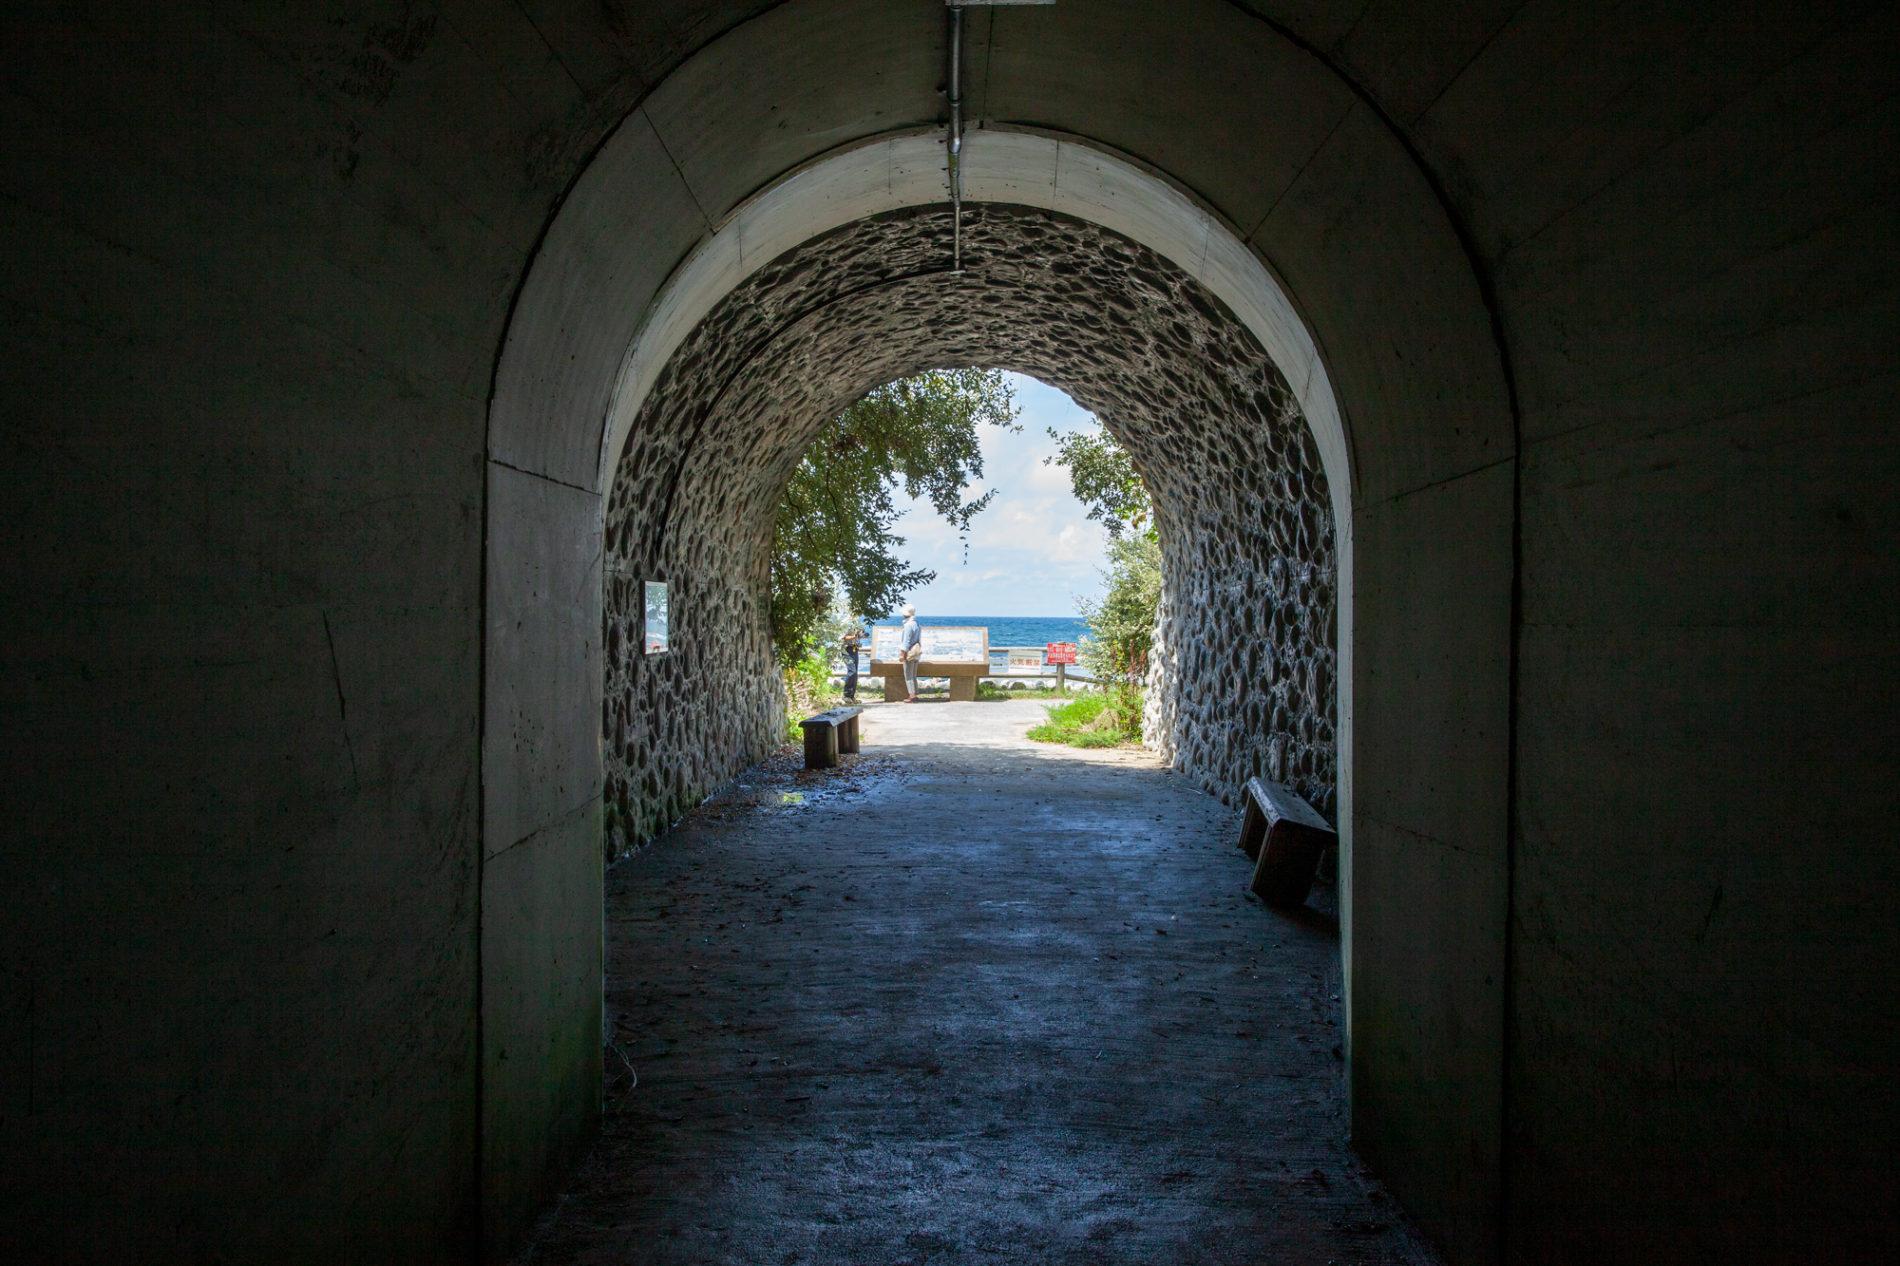 島根県浜田市石見畳ヶ浦のトンネル